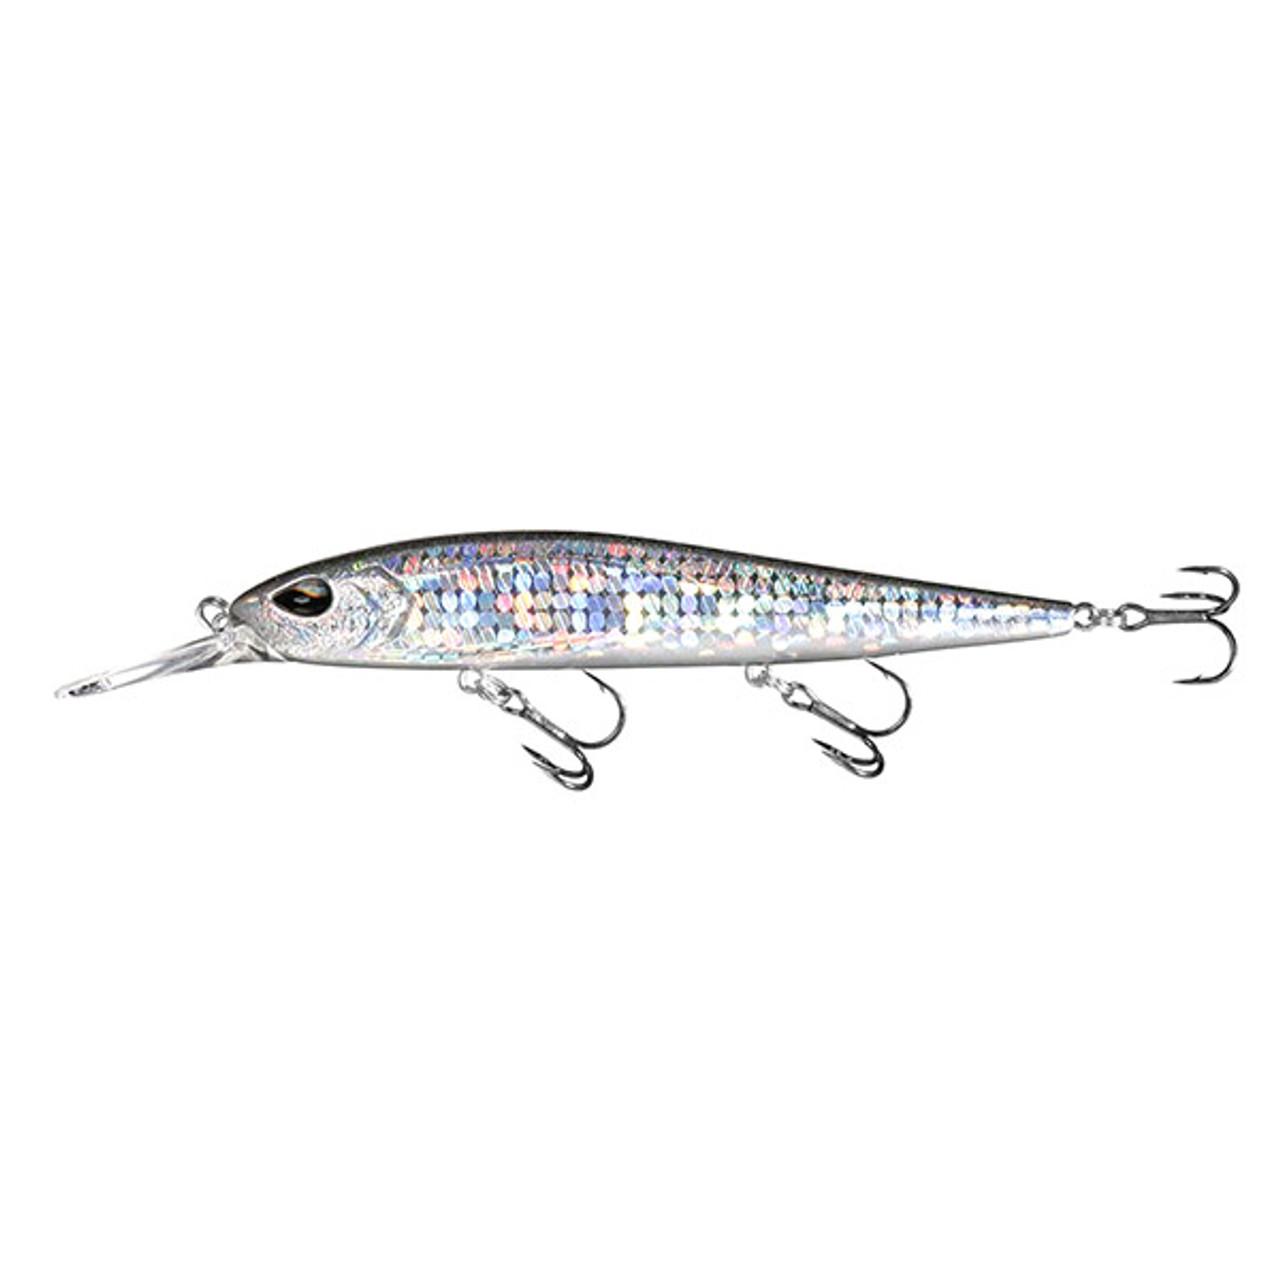 13 Fishing Whipper Snapper Jerkbait